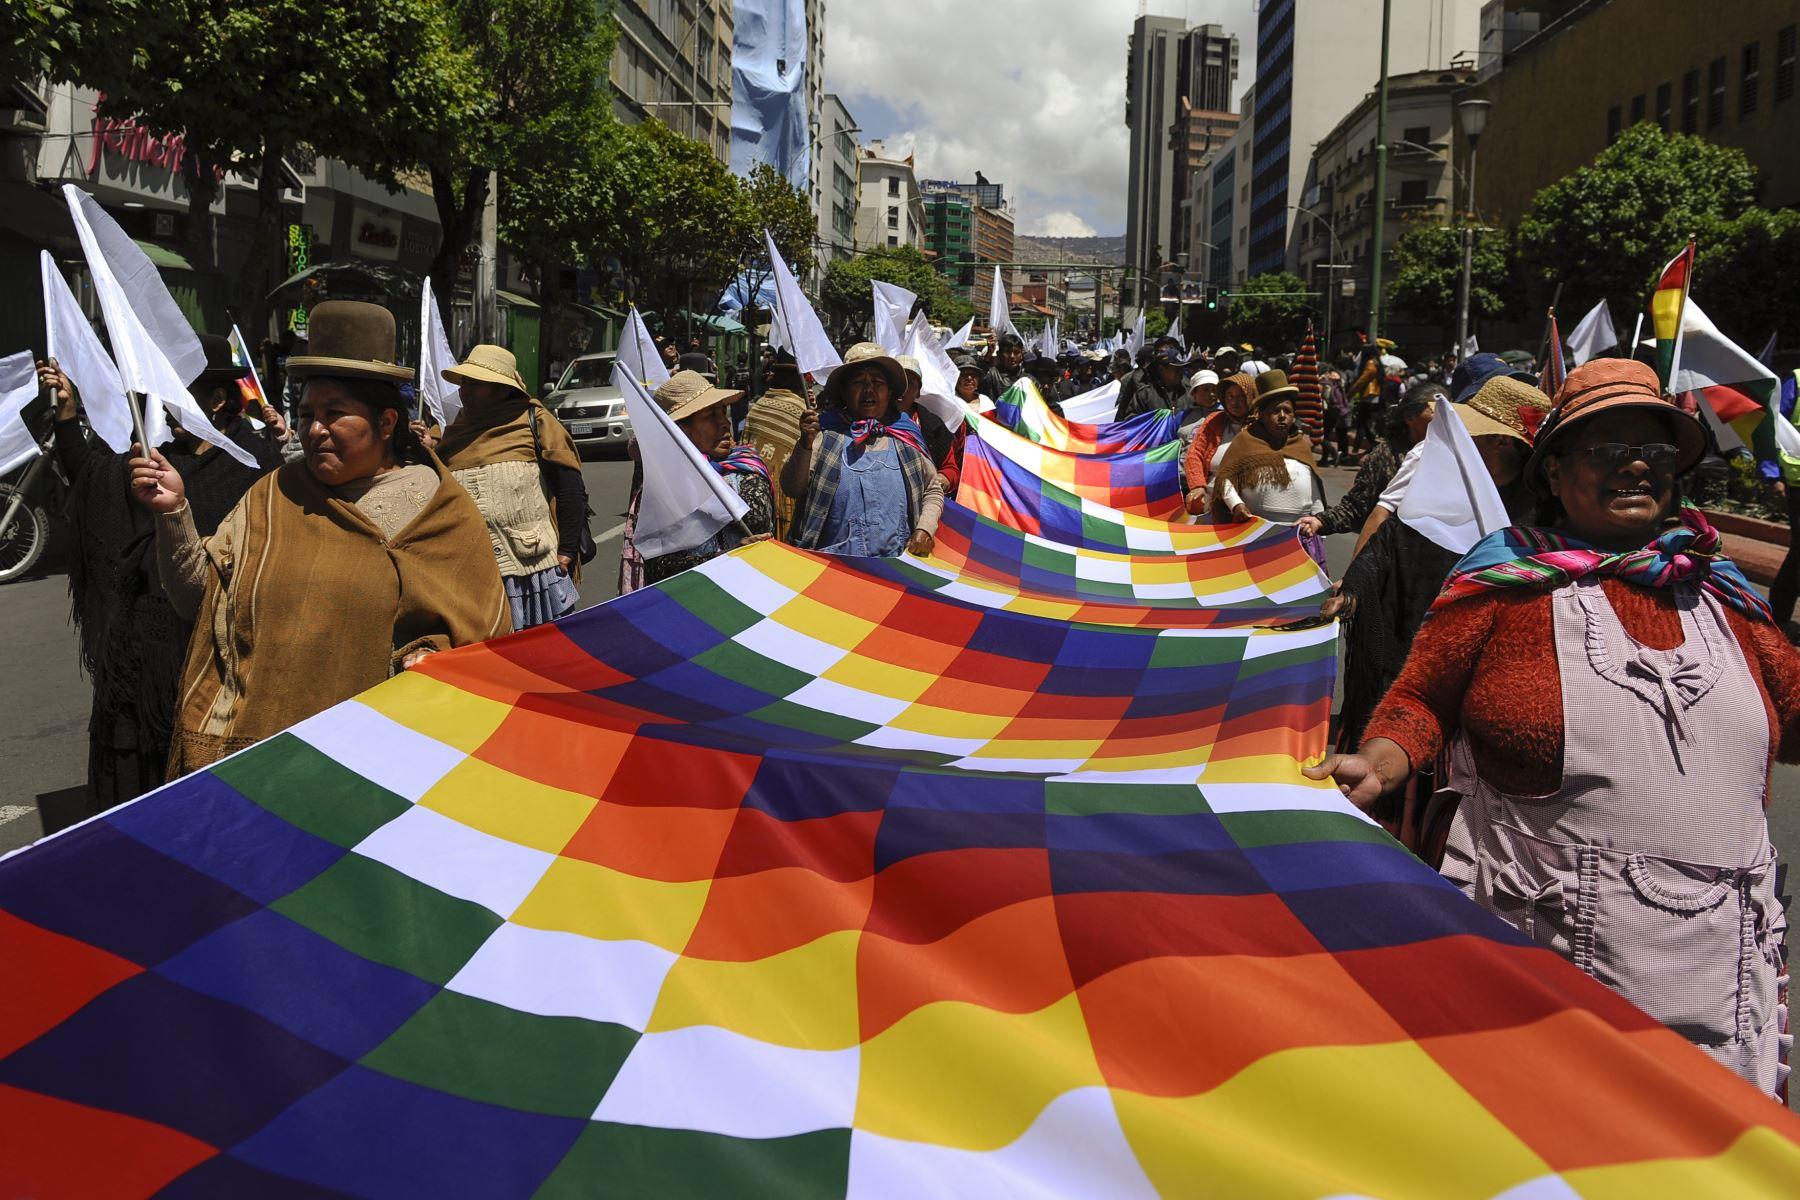 Los manifestantes sostienen una bandera de Wiphala durante una marcha convocada por estudiantes de la Universidad Mayor de San Andrés (Universidad Superior de San Andrés - UMSA) y organizaciones vecinales que exigen la paz. Foto: AFP